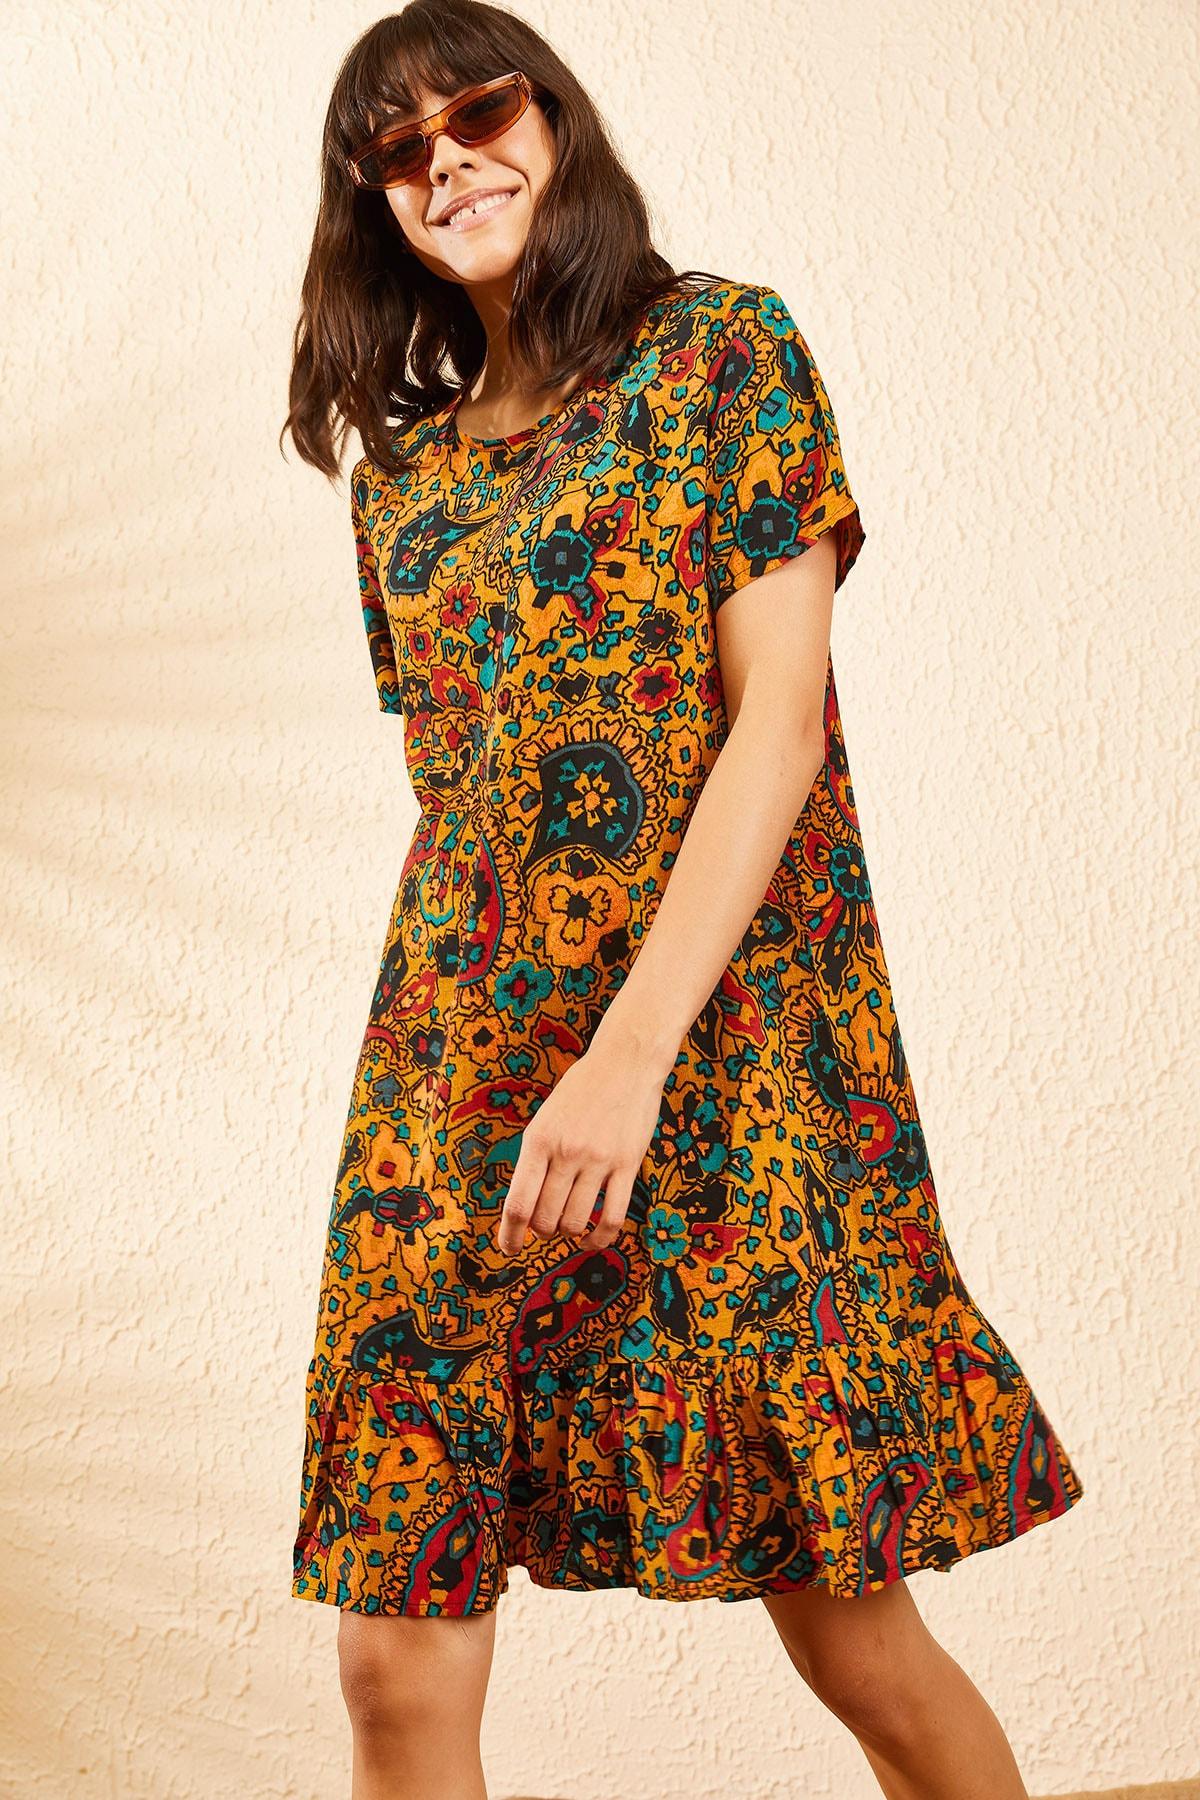 Bianco Lucci Kadın Hardal Kadın Etnik Desen Kısa Kollu Eteği Fırfırlı Elbise 10101017 2